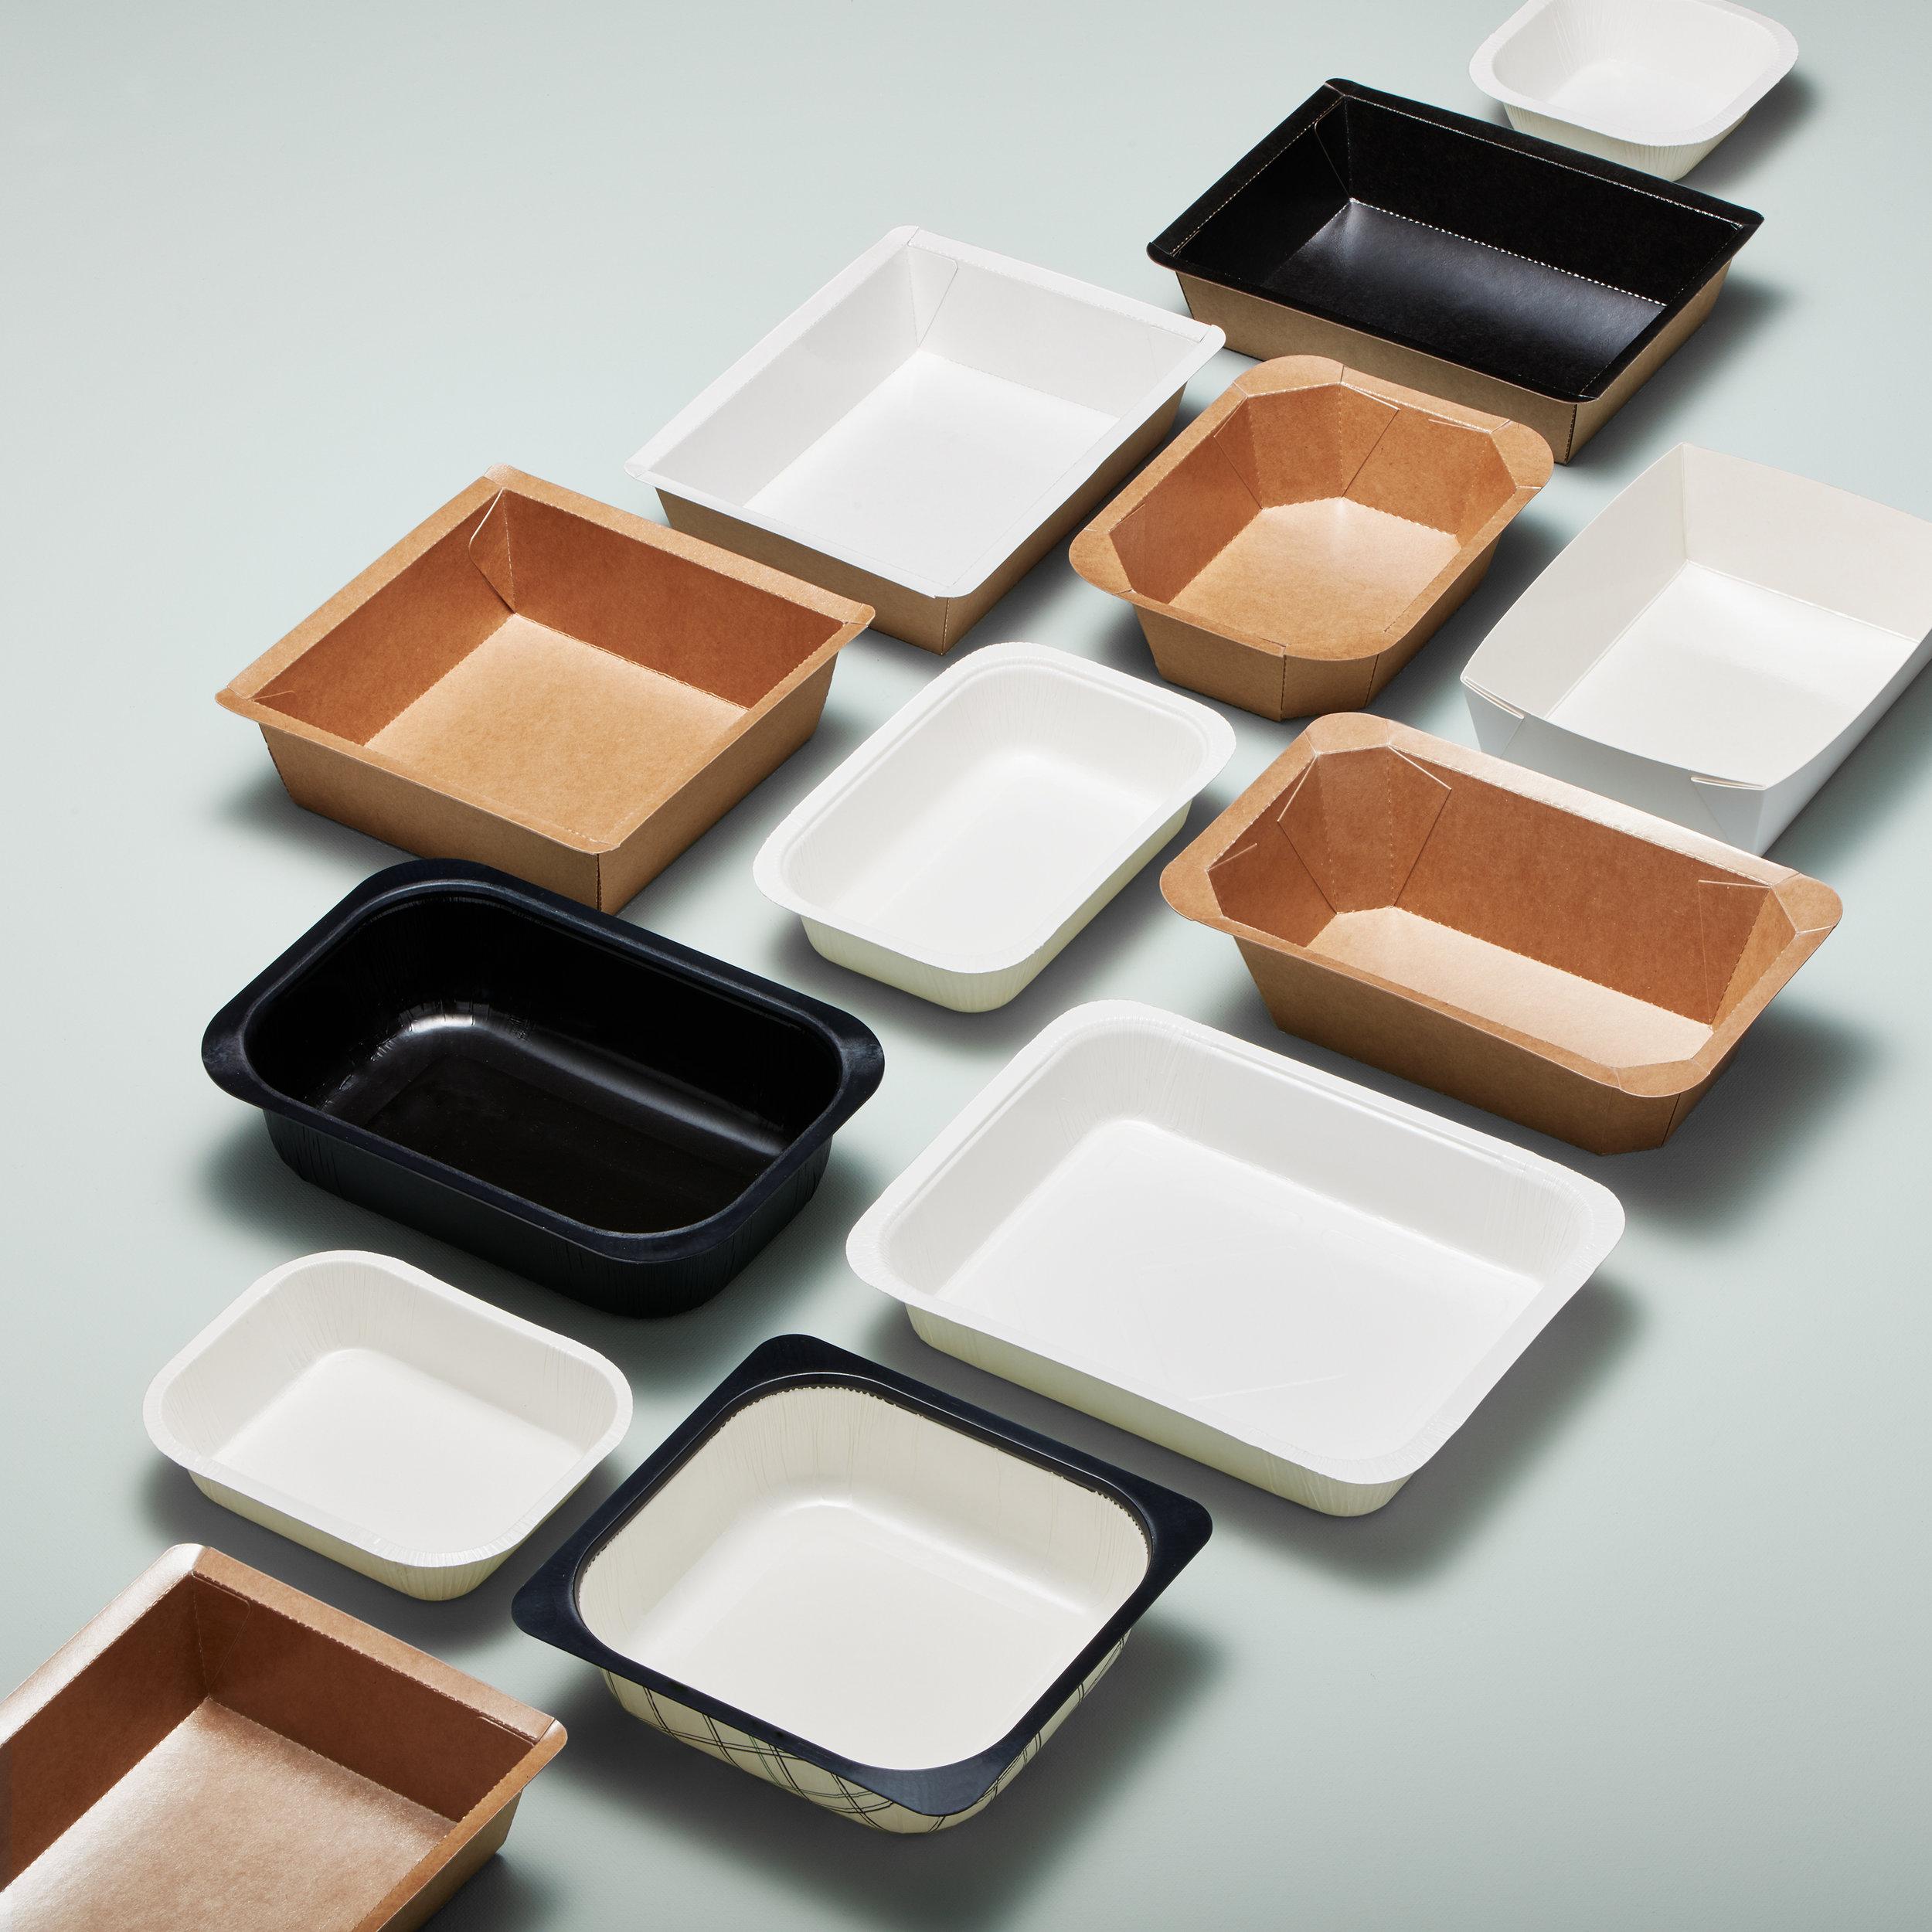 alupet_paperboard_trays.jpg